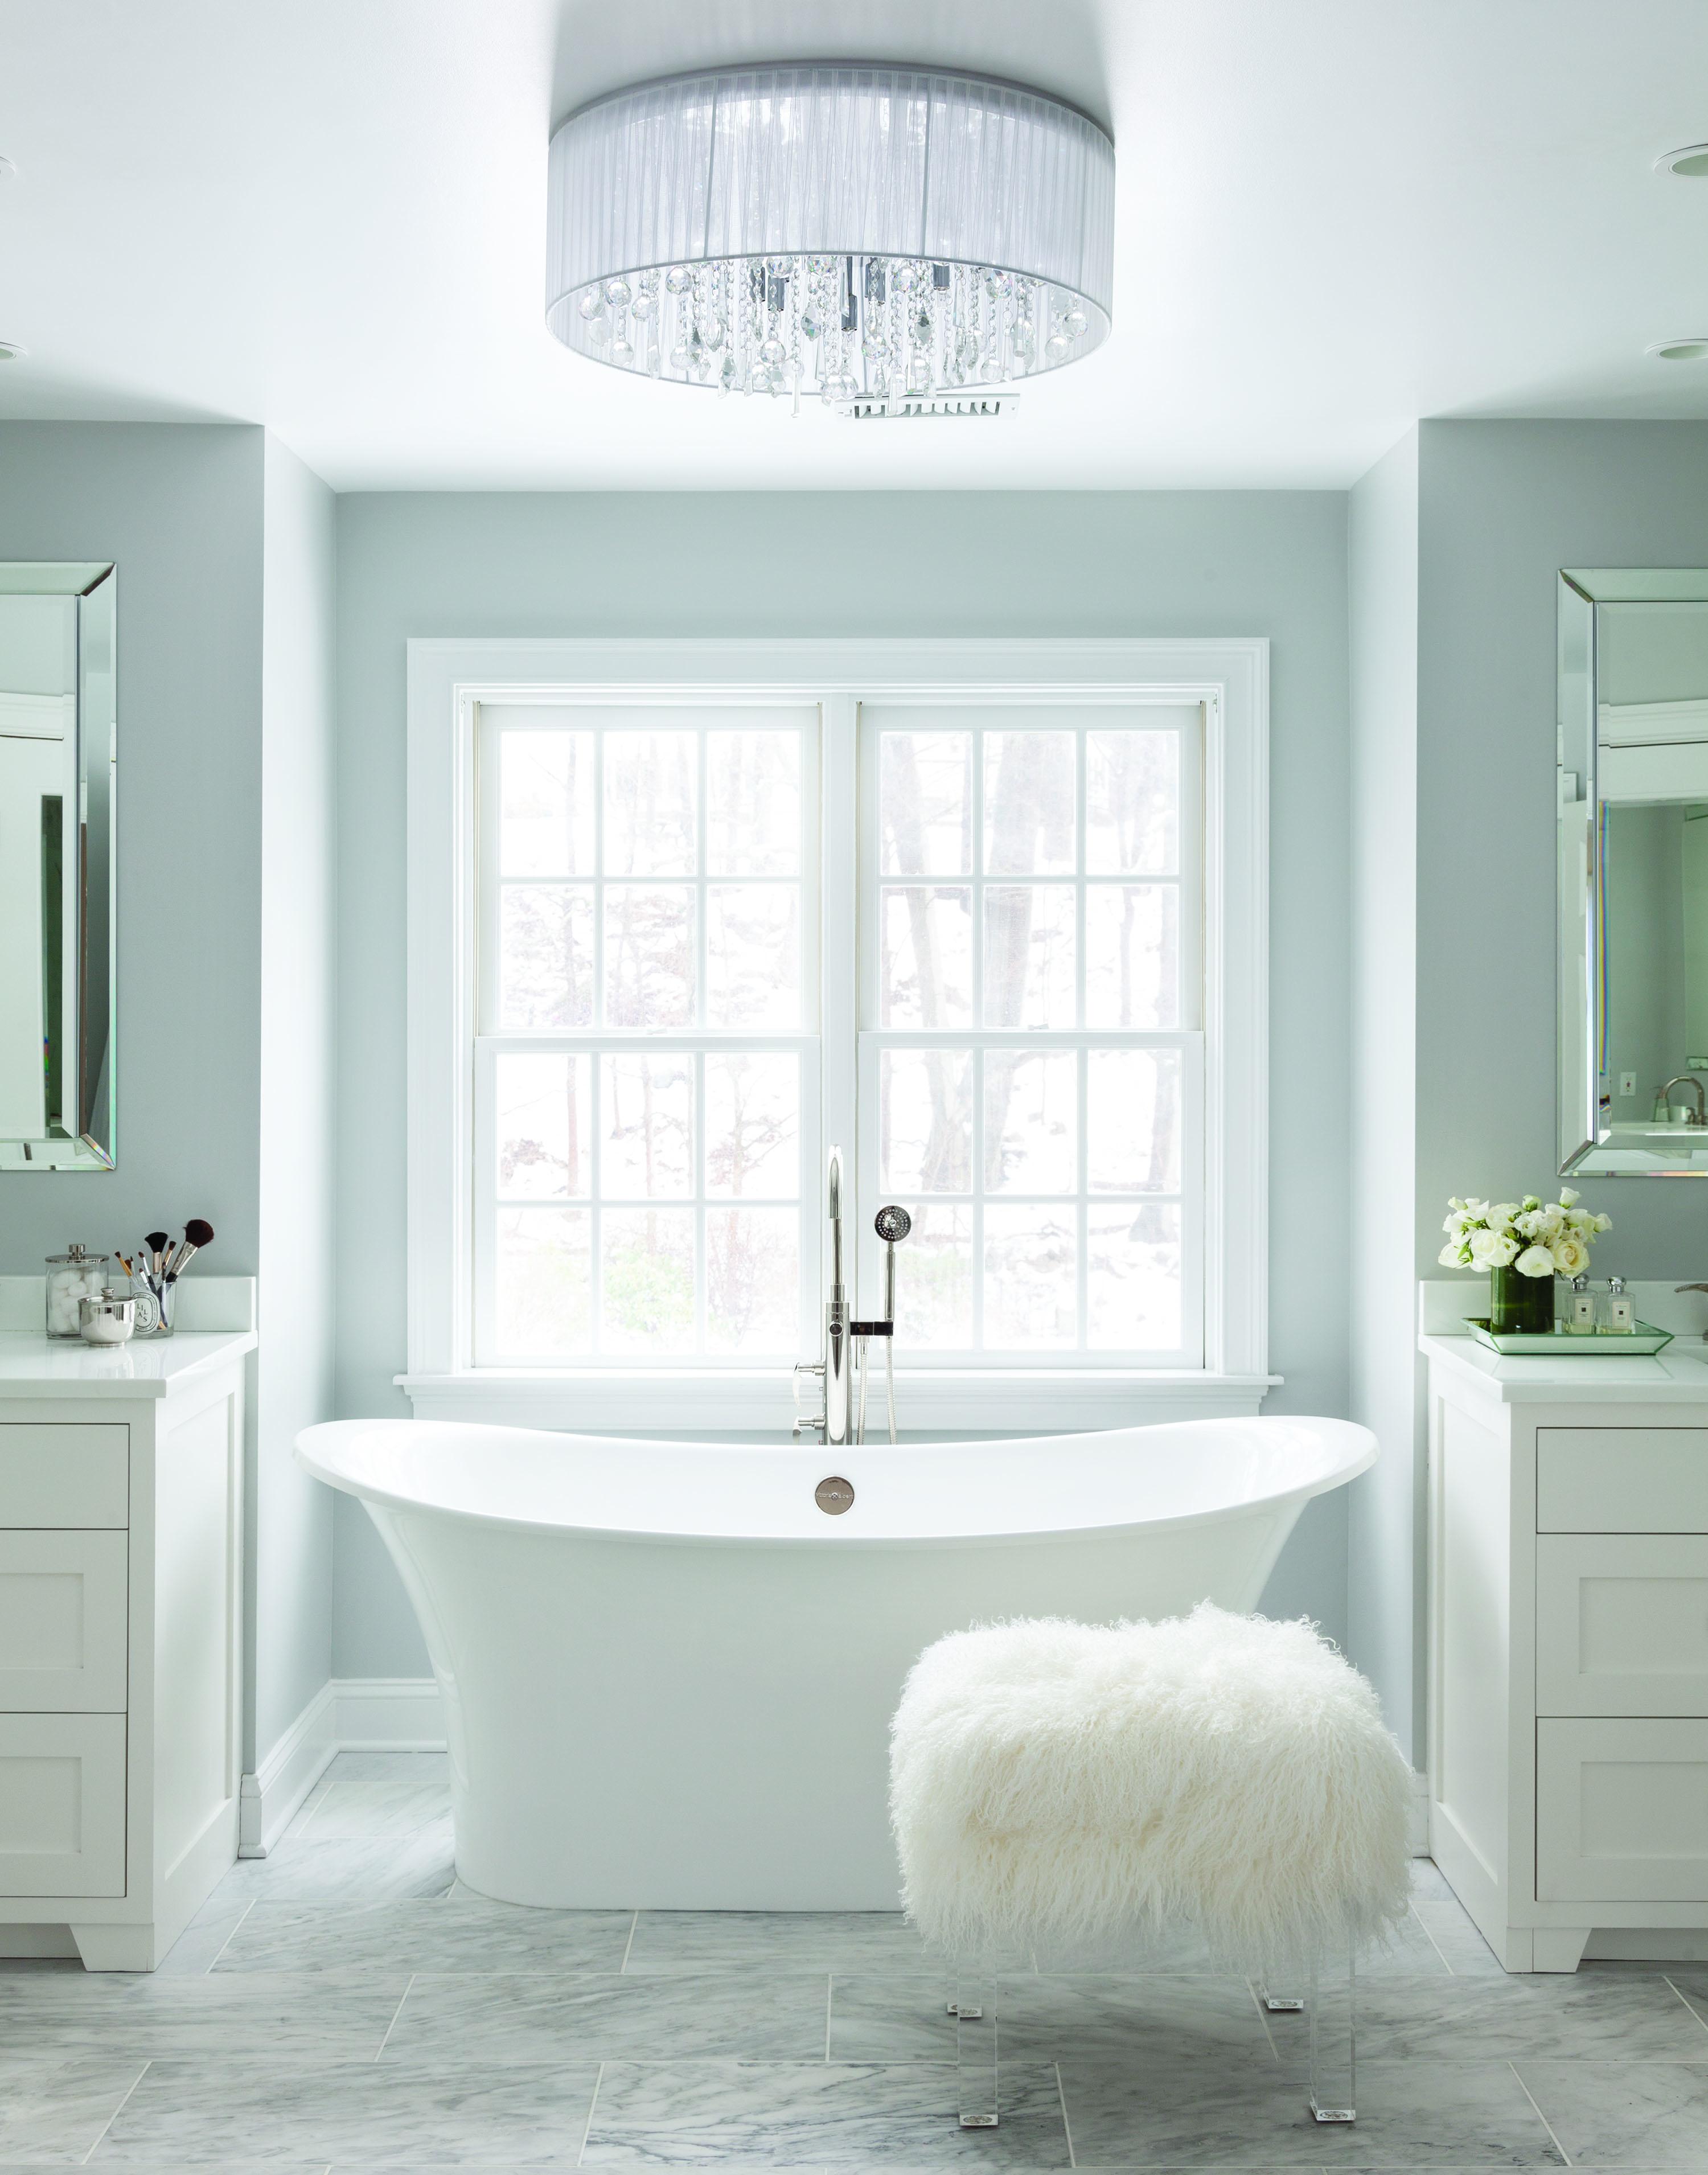 5 Exquisite Bathroom Design Trends of 2018 by Victoria + Albert